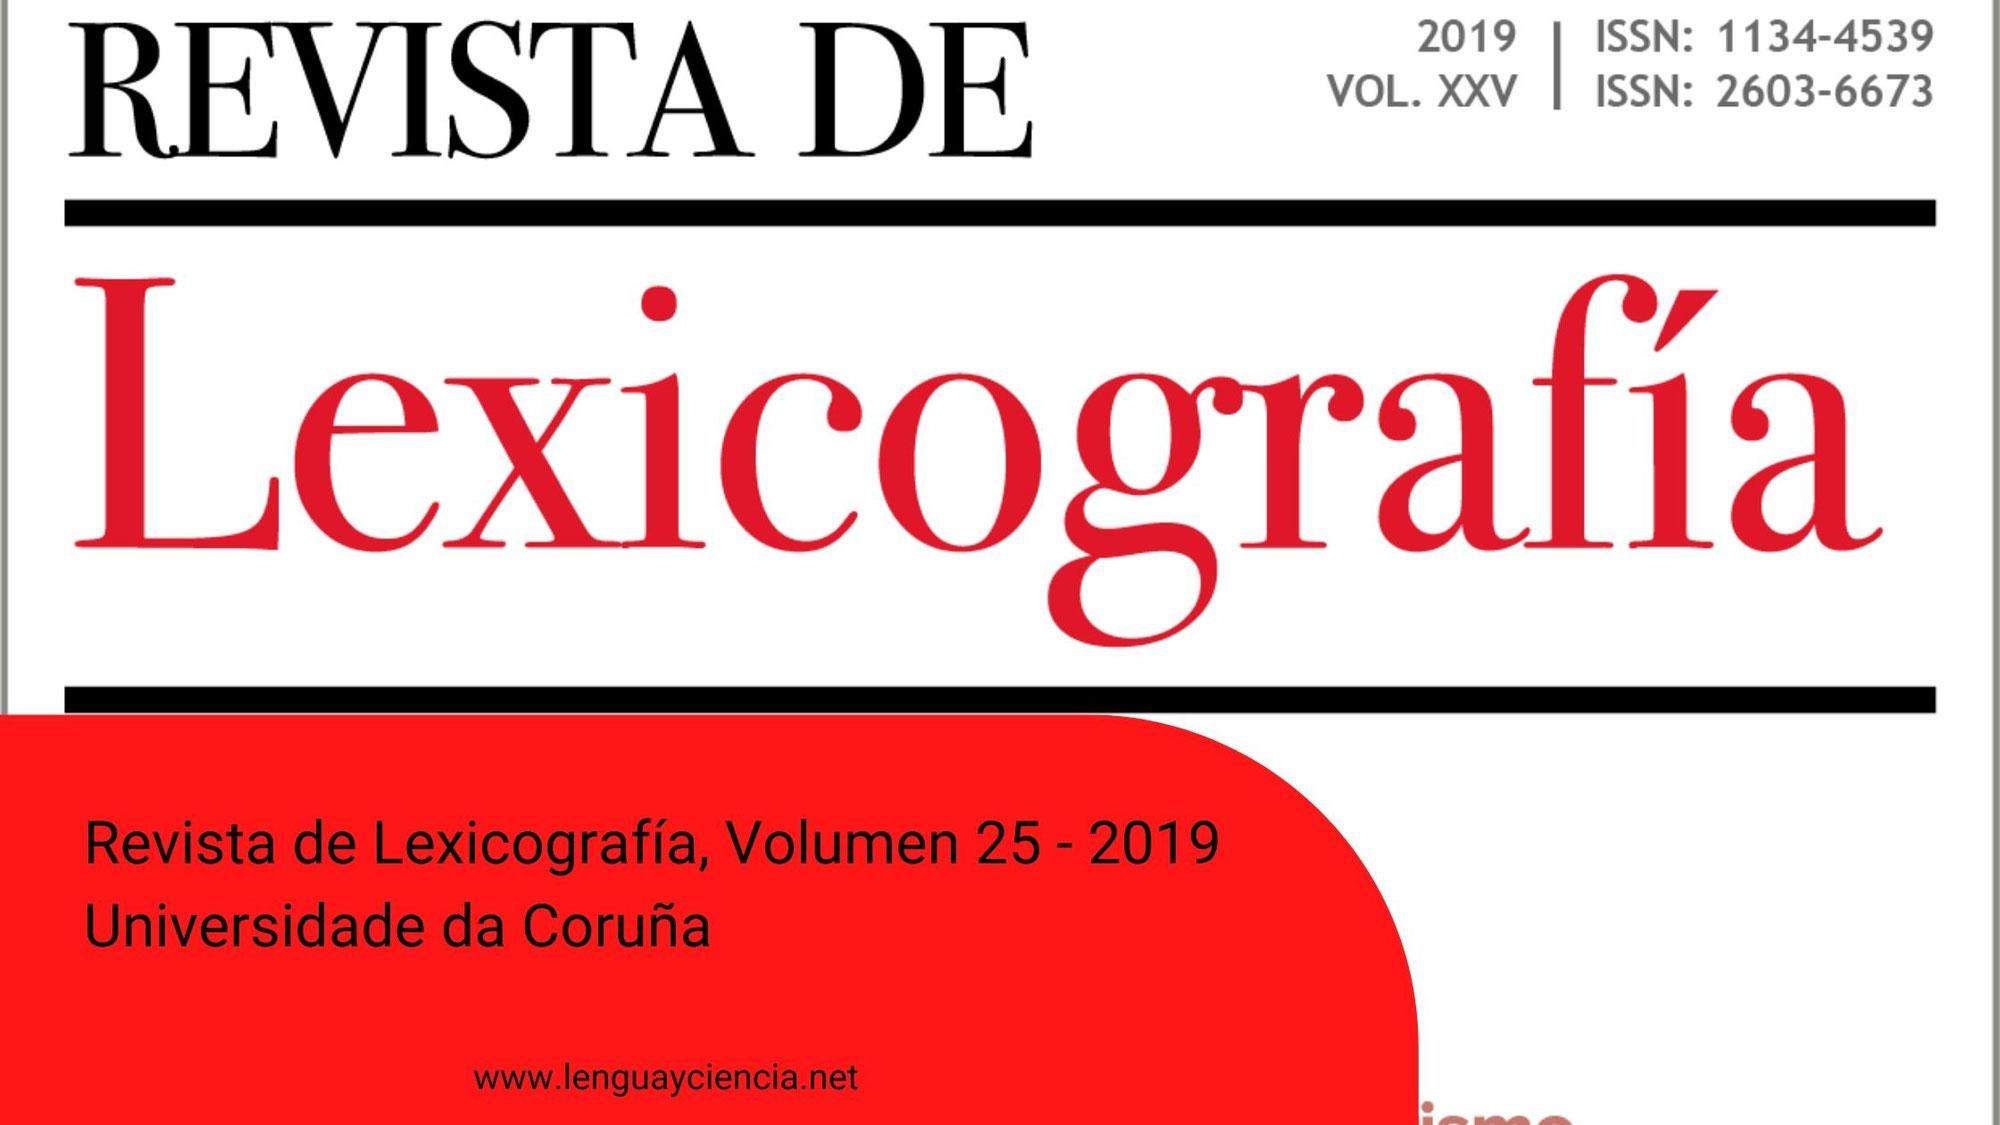 Revista de Lexicografía, Volumen 25 - 2019 │ Universidade da Coruña